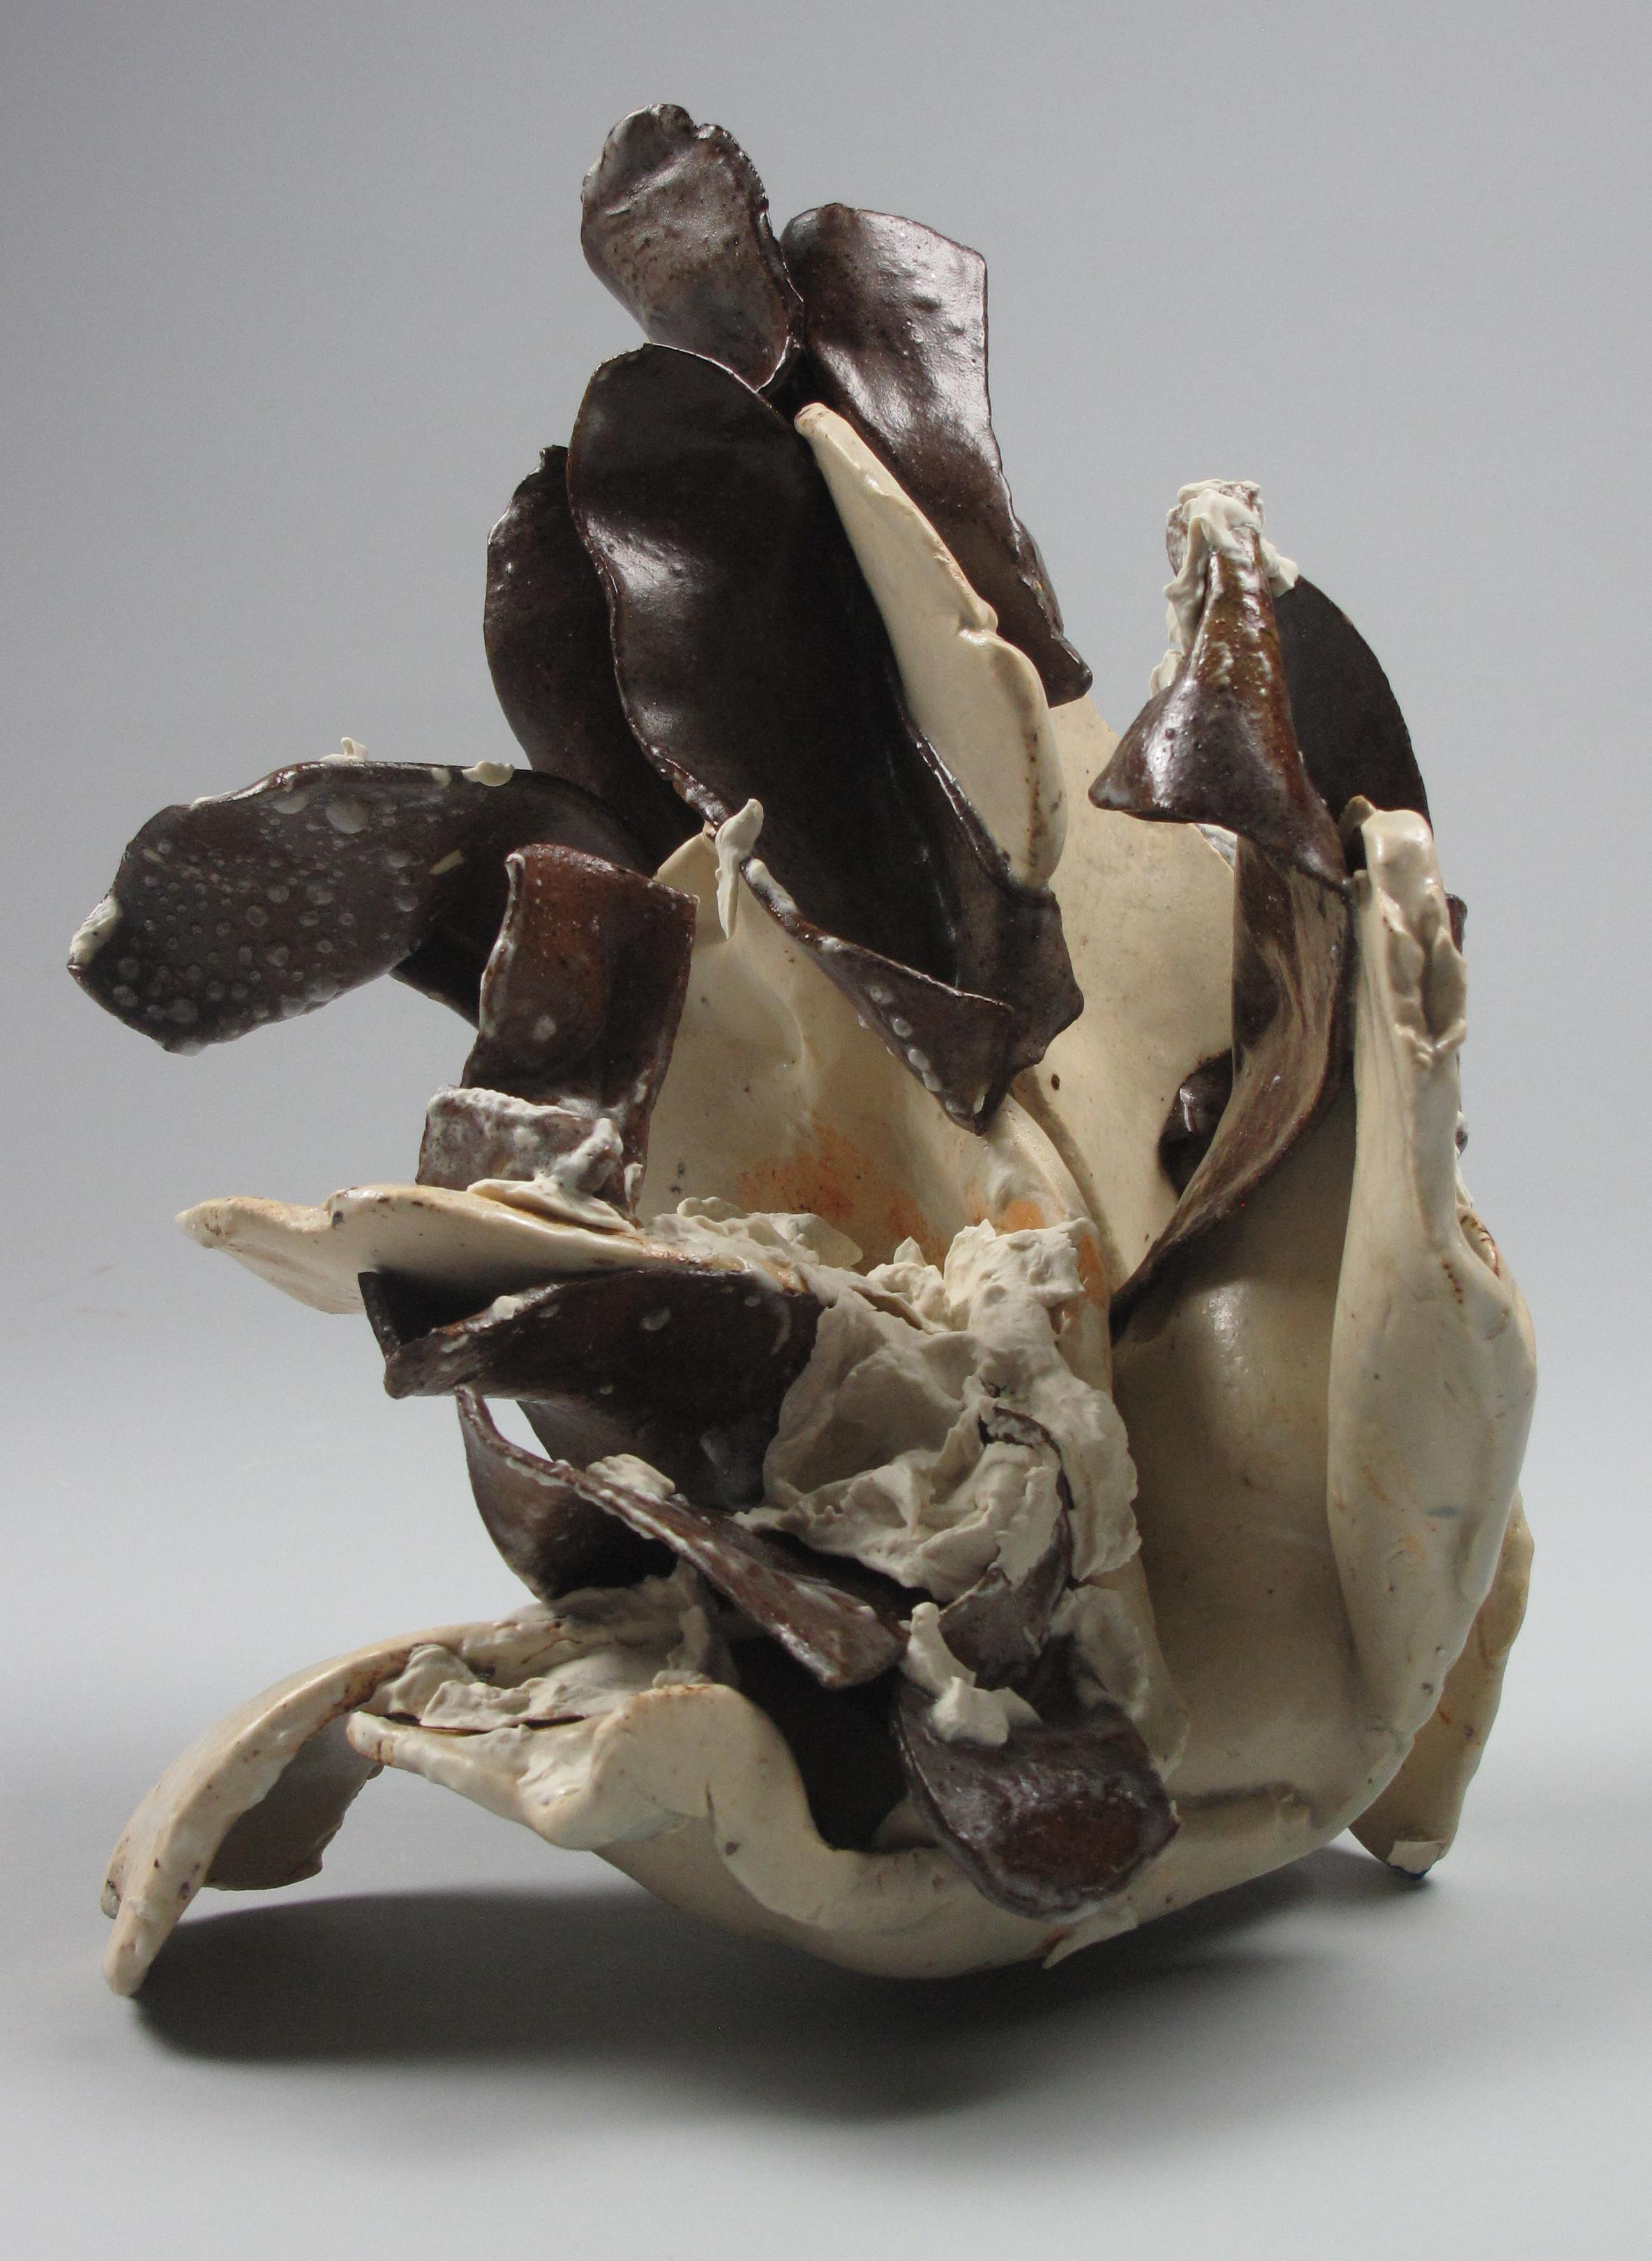 Sara Fine-Wilson,  Orange Surprise , ceramic, 10x12x12